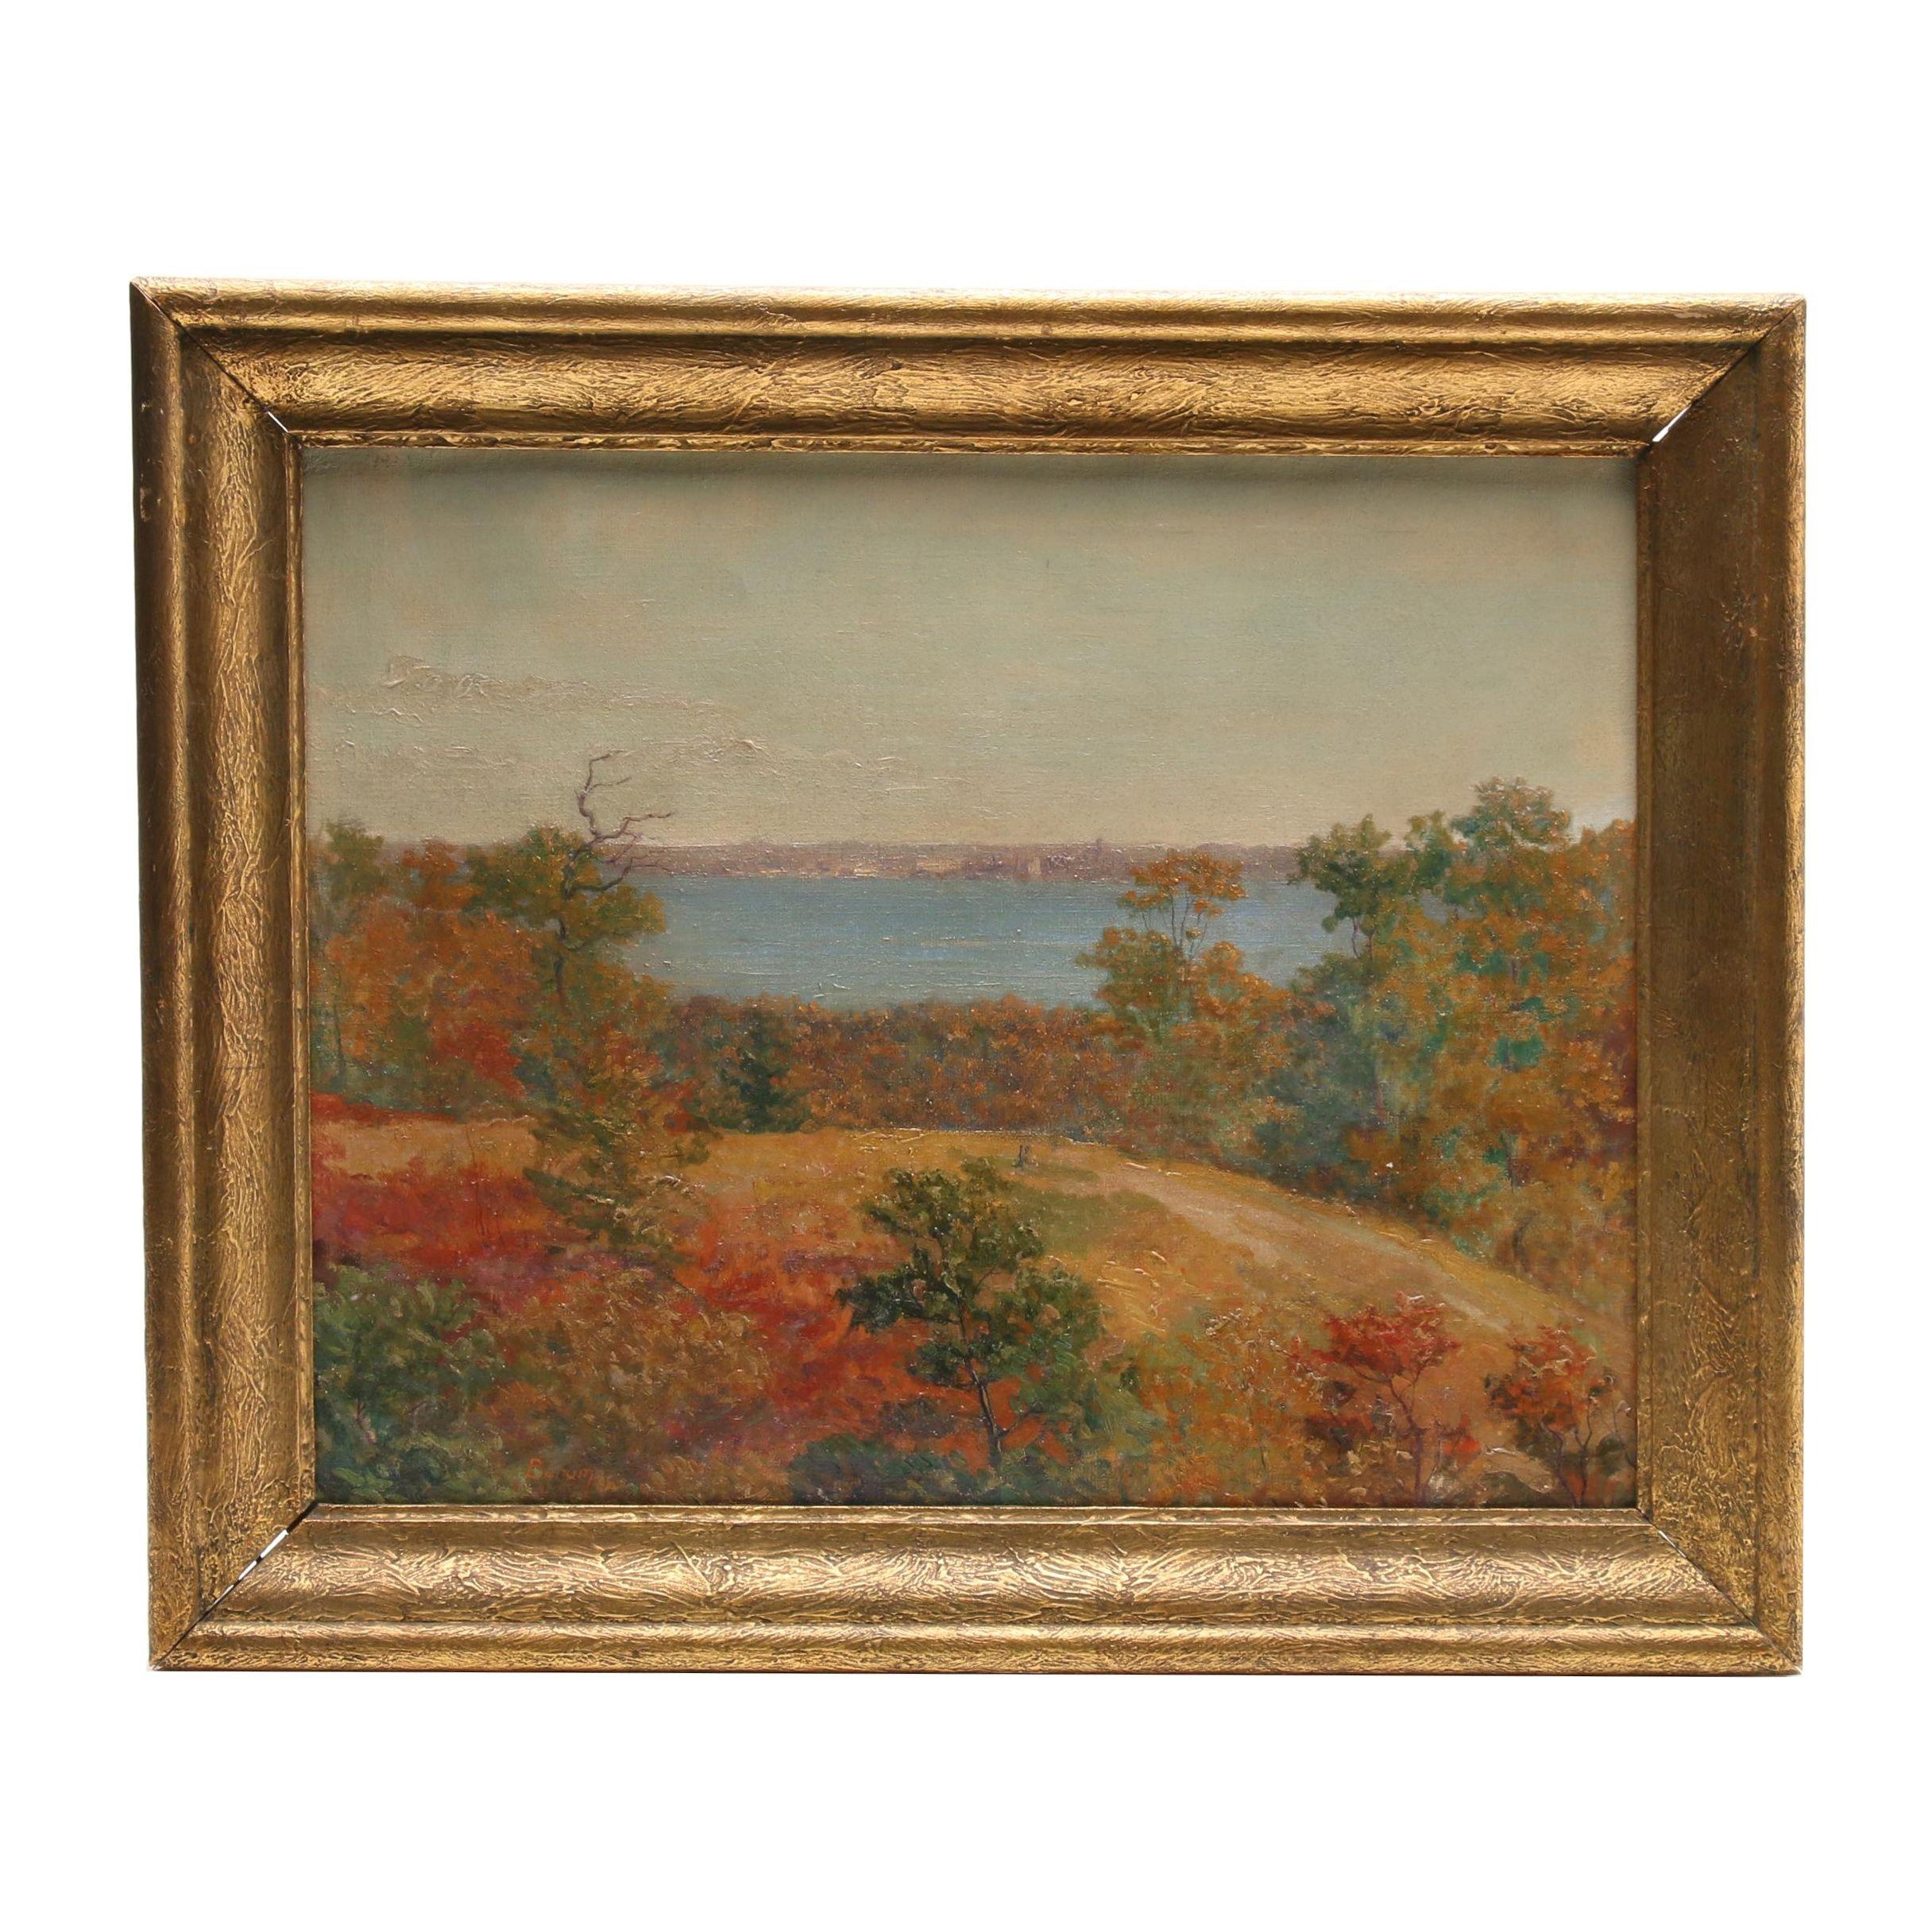 Ruthven Byrum Landscape Oil Painting